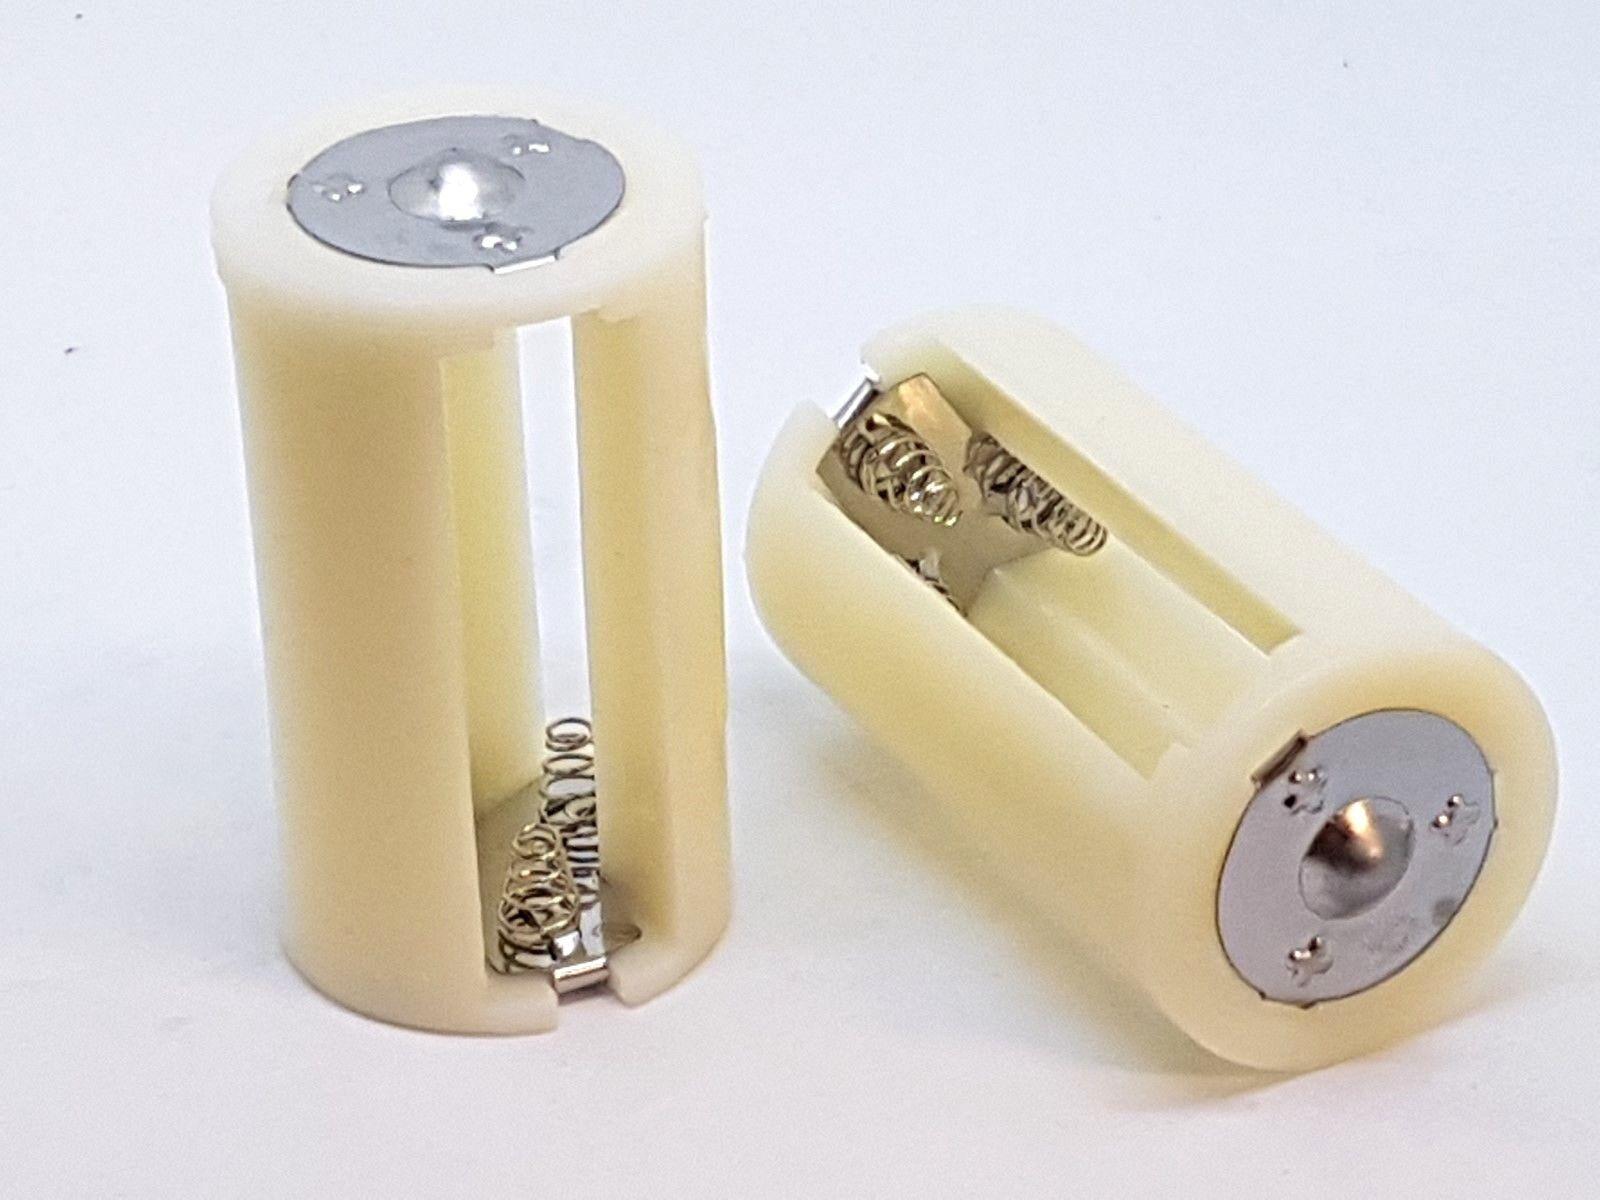 2 x Batterie Adapter für  3 x AA 1,5V  Batterien oder Akku bis D